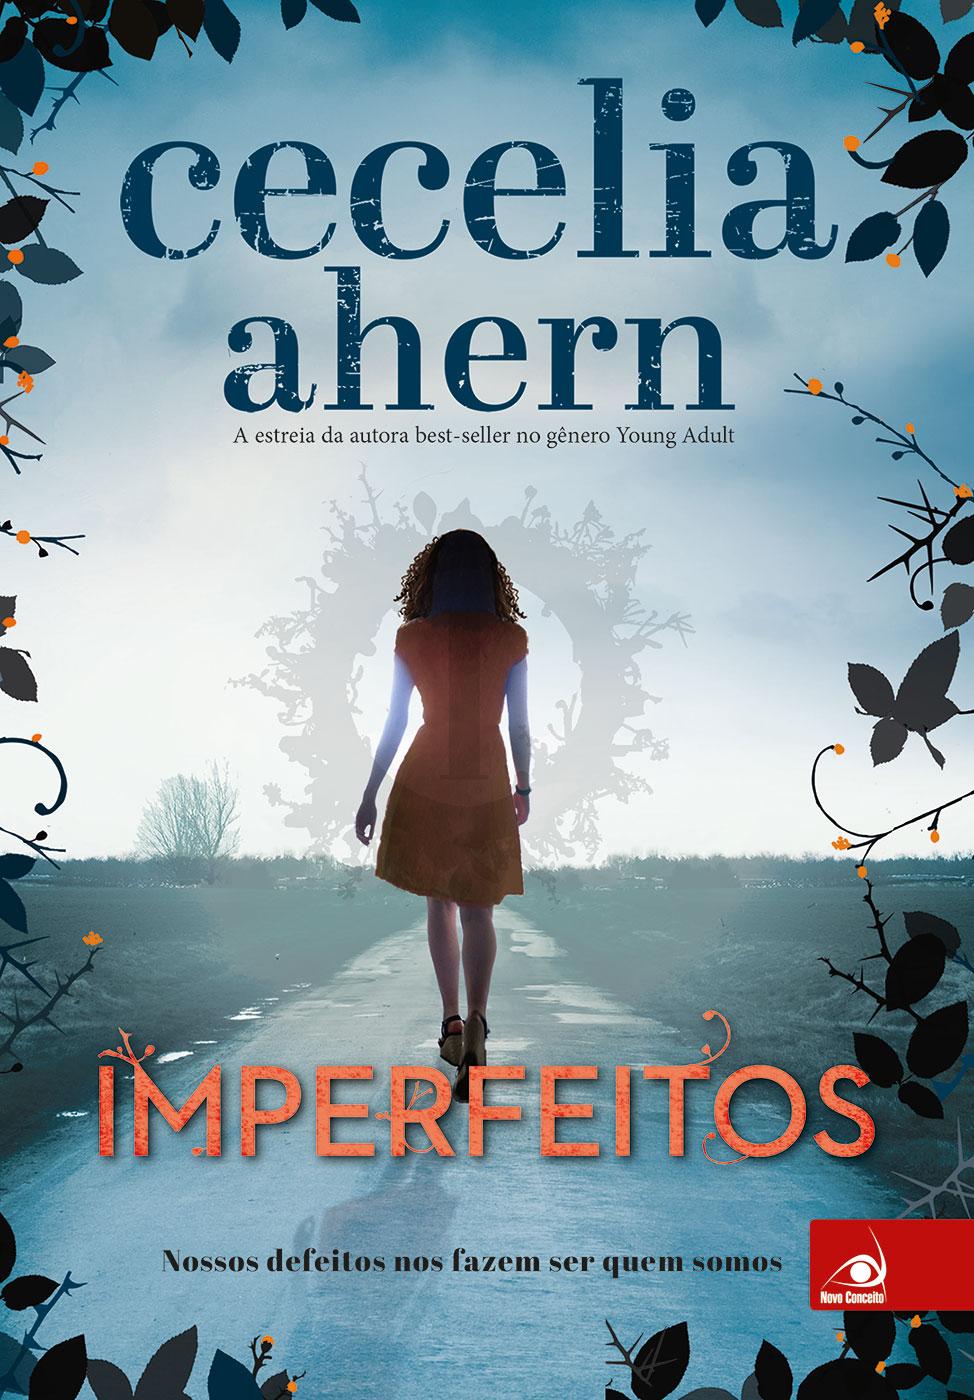 Imperfeitos – Cecelia Ahern